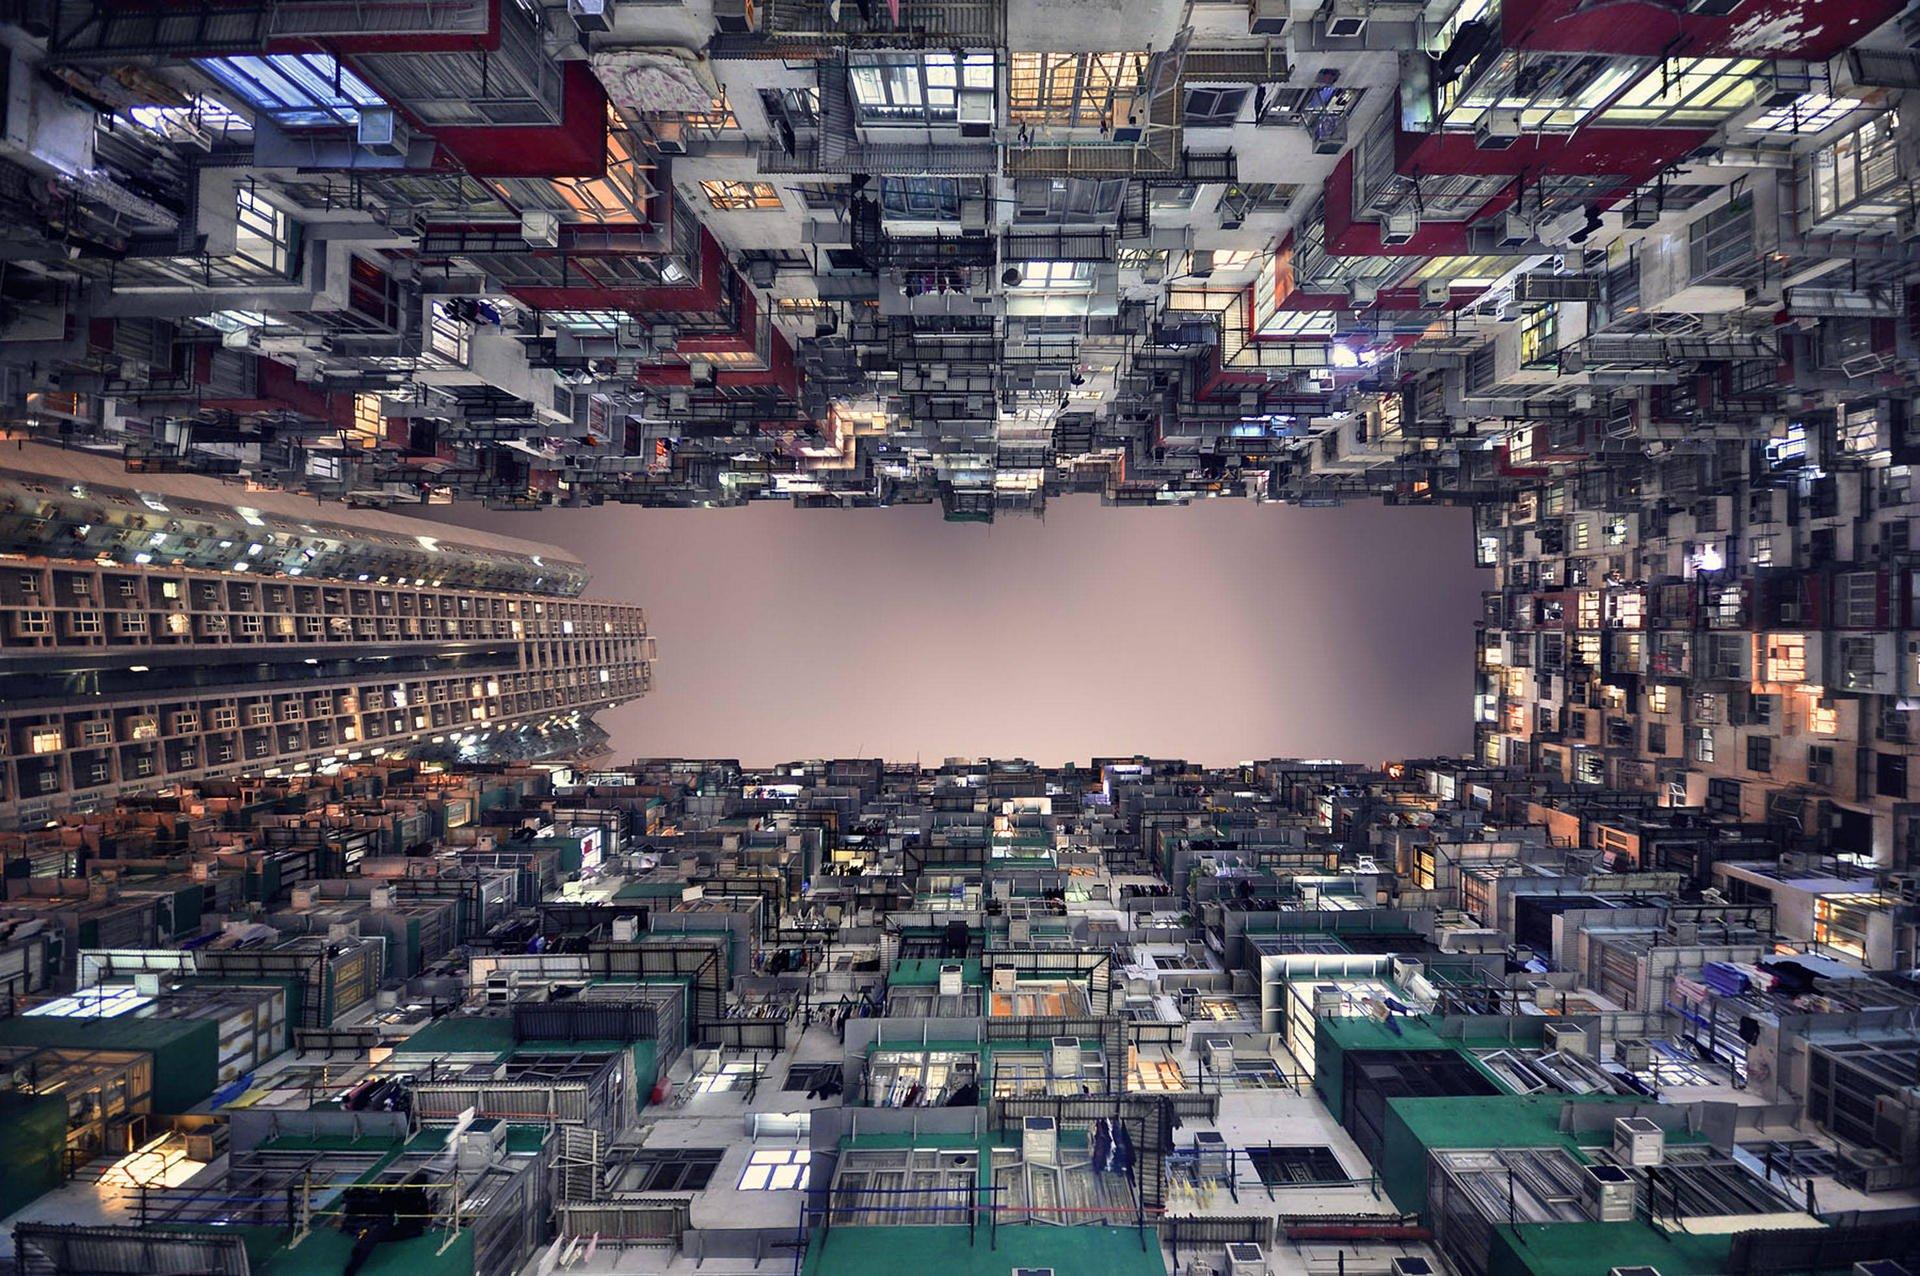 Ảnh những tòa nhà Hồng Kông từ góc nhìn mới lạ